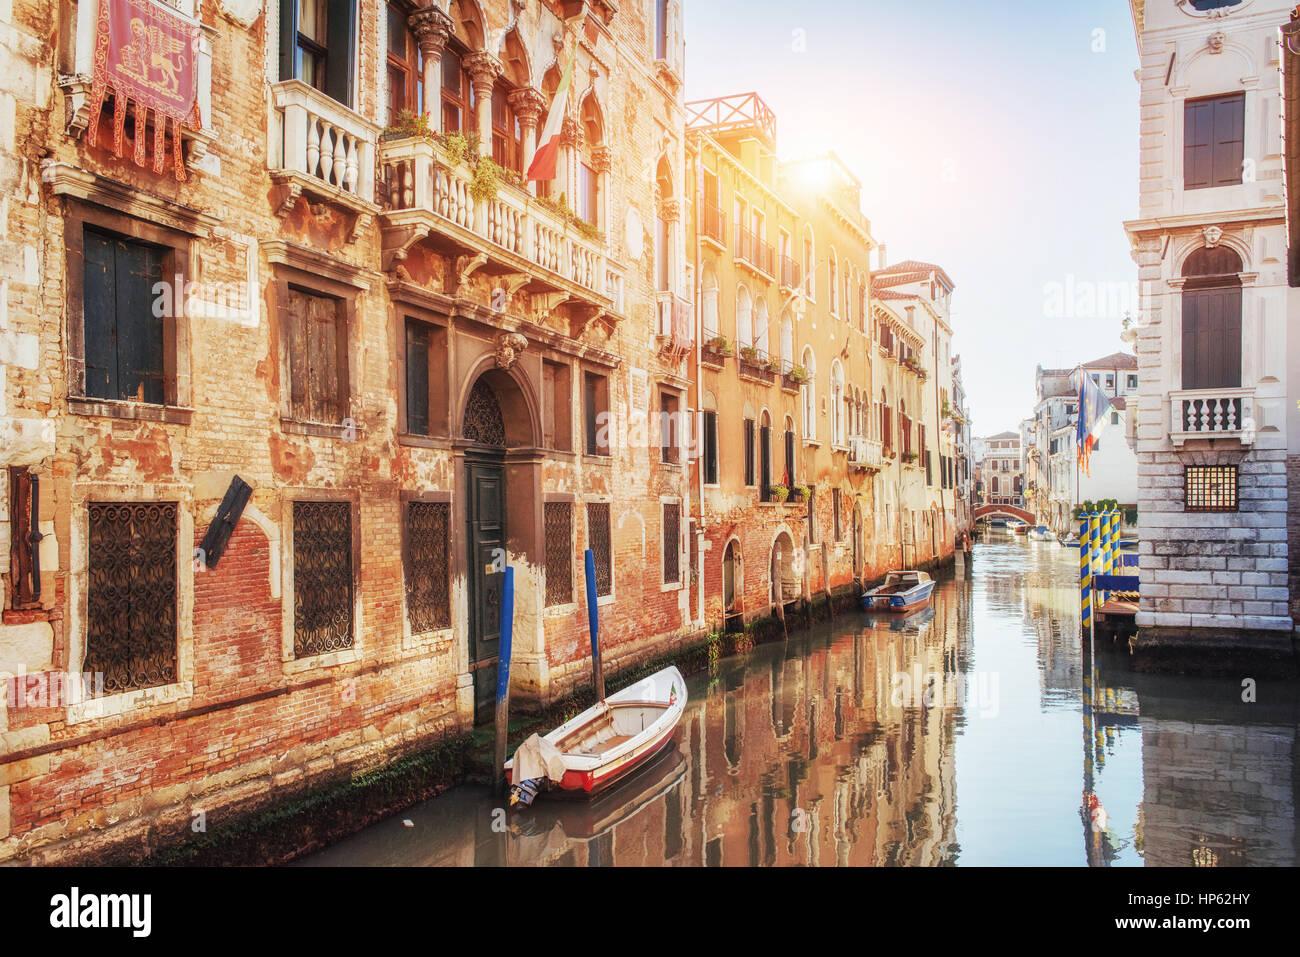 Gondeln auf Kanal in Venedig.  ist ein beliebtes Touristenziel Europas Stockbild